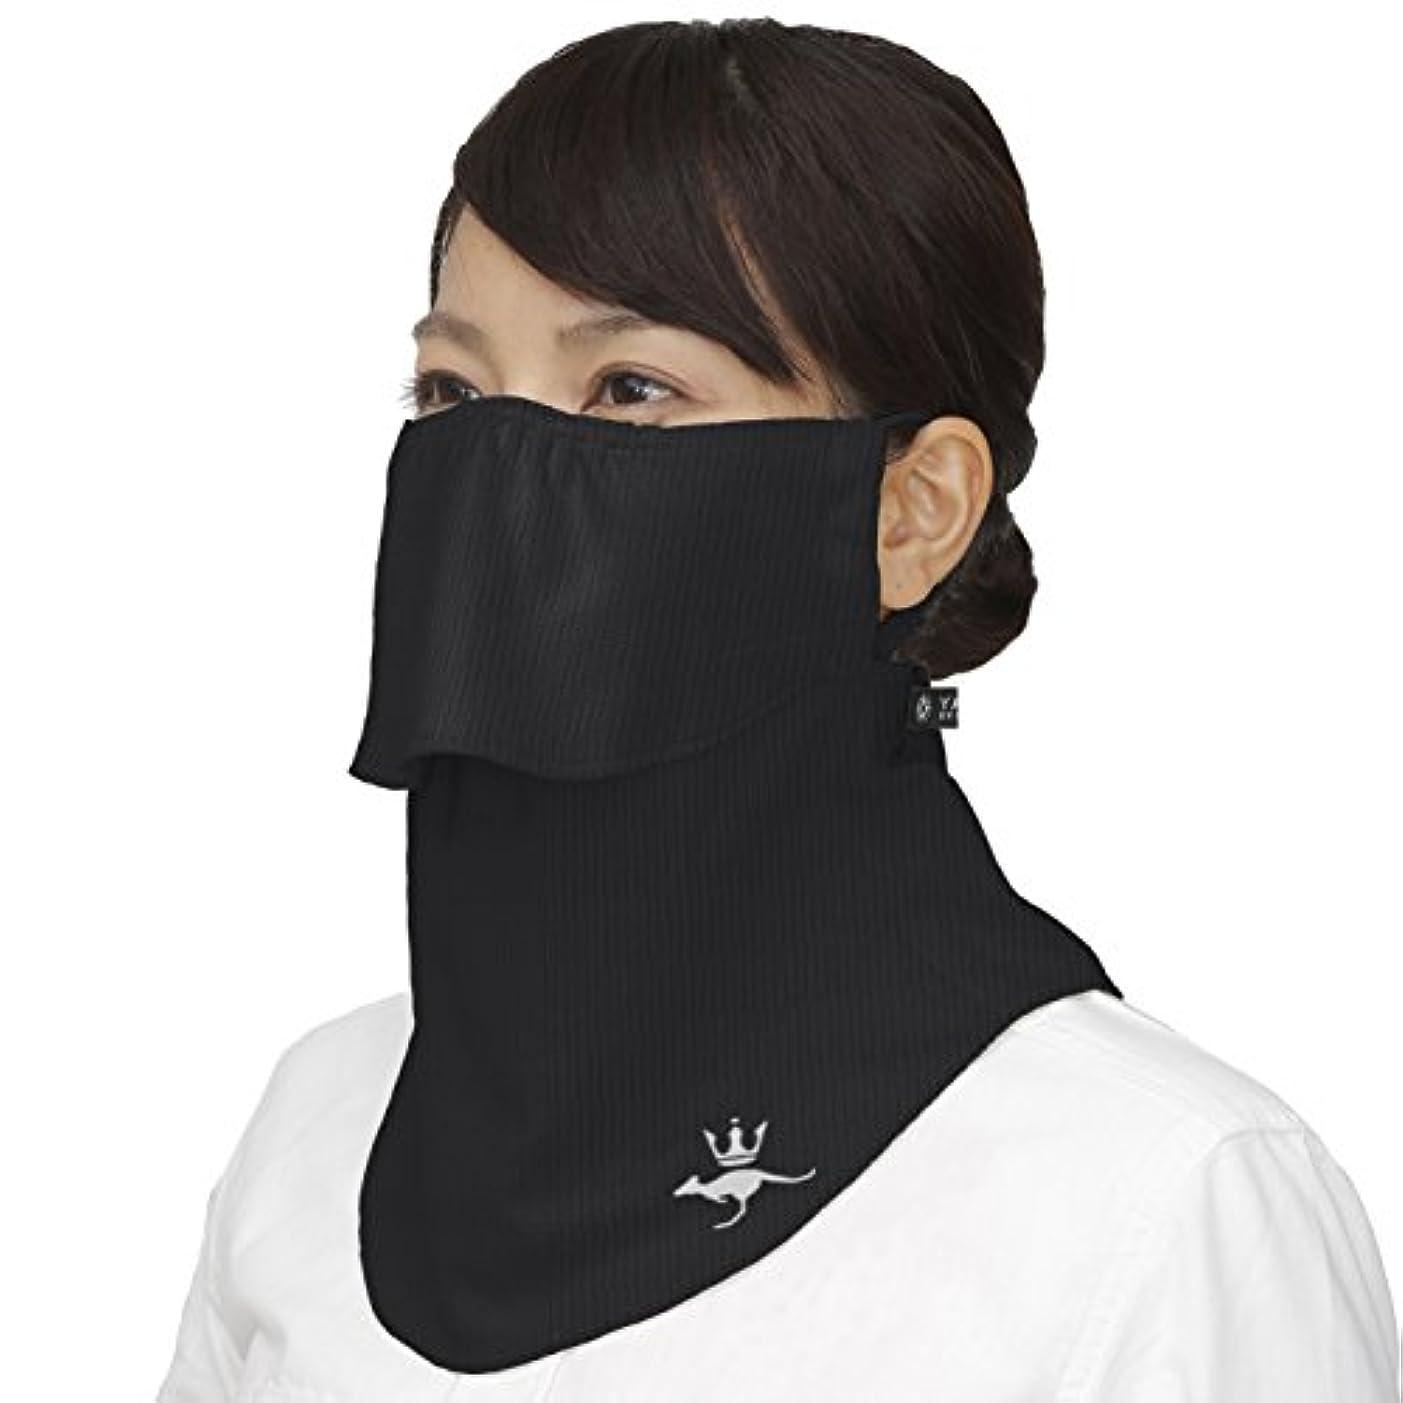 (シンプソン)Simpson 息苦しくない 紫外線防止 レディース 日焼け防止 UVカット フェイスマスク フェイスカバー STA-M02